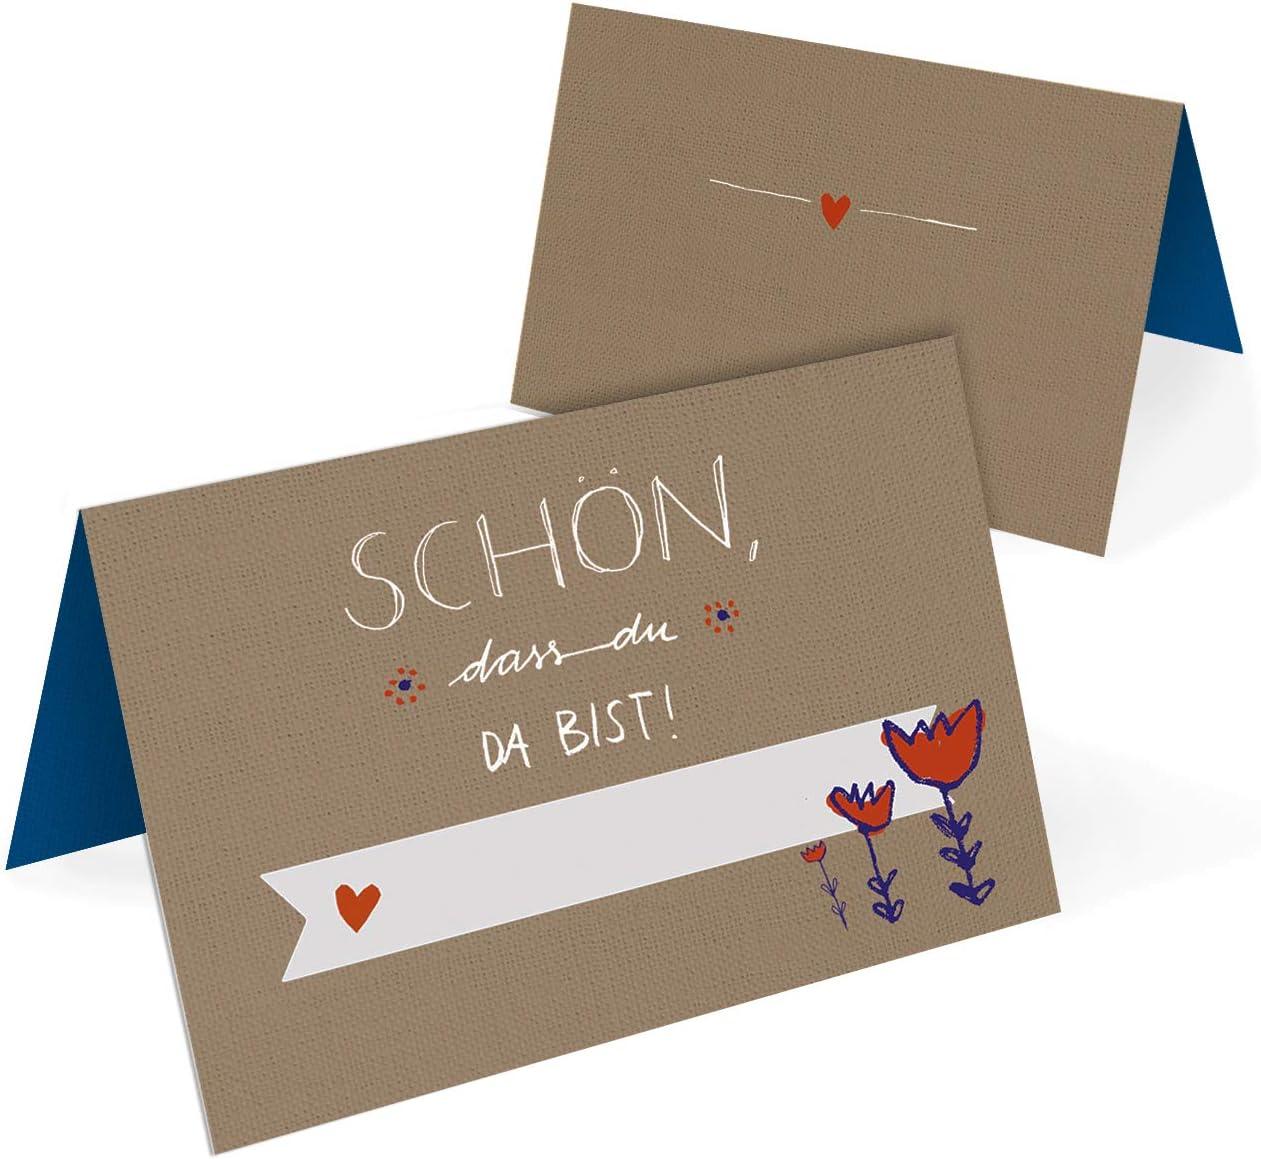 Taufe klimaneutrale Namenskarten Blumen Design Geburtstag Kommunion 50 Tischkarten aus Recyclingpapier Beige Rot Blau Wei/ß dass du da bist Platzkarten zum beschriften f/ür Hochzeit Sch/ön